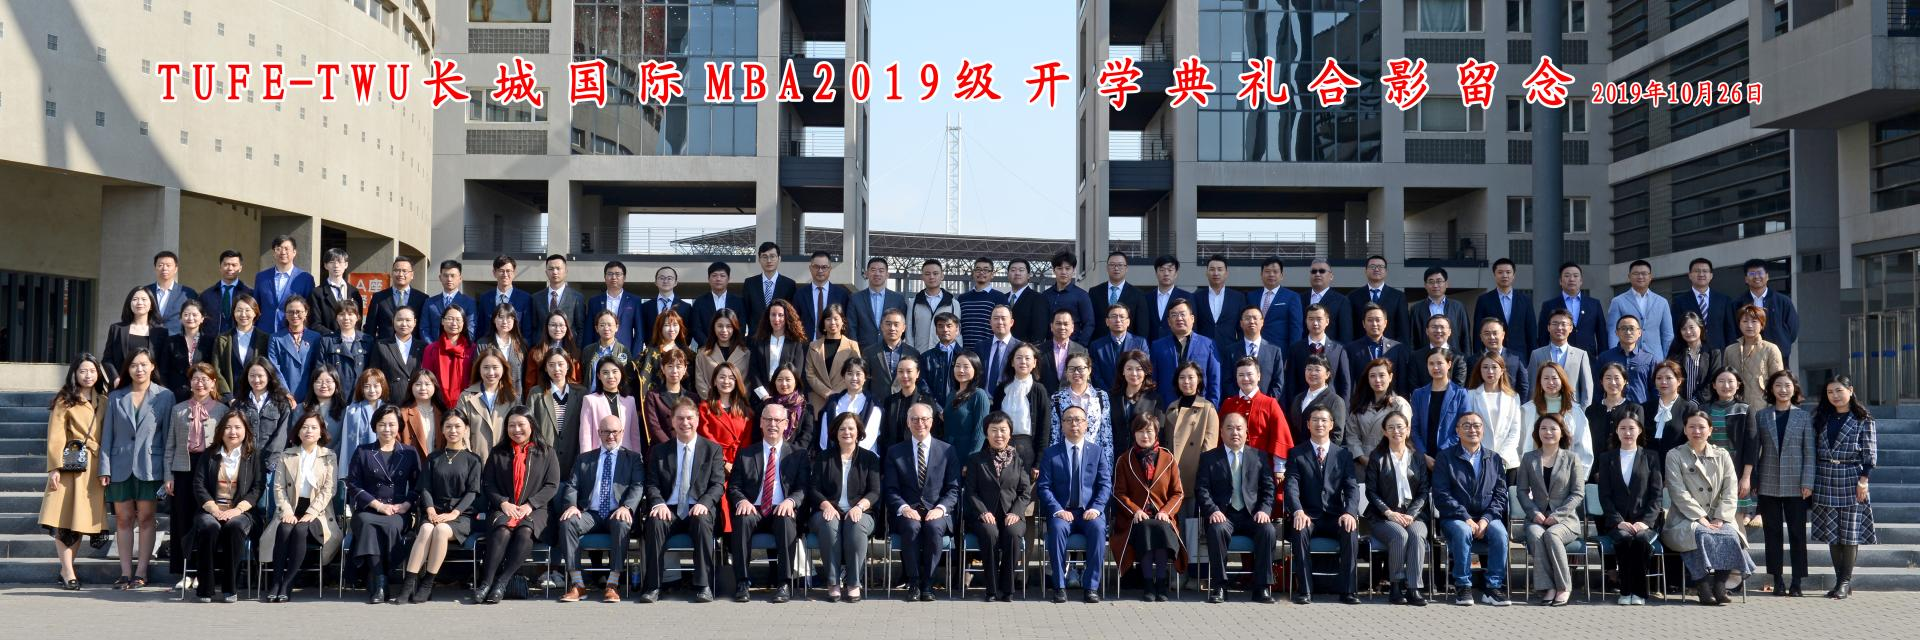 天津财经大学国际MBA-开学典礼合影